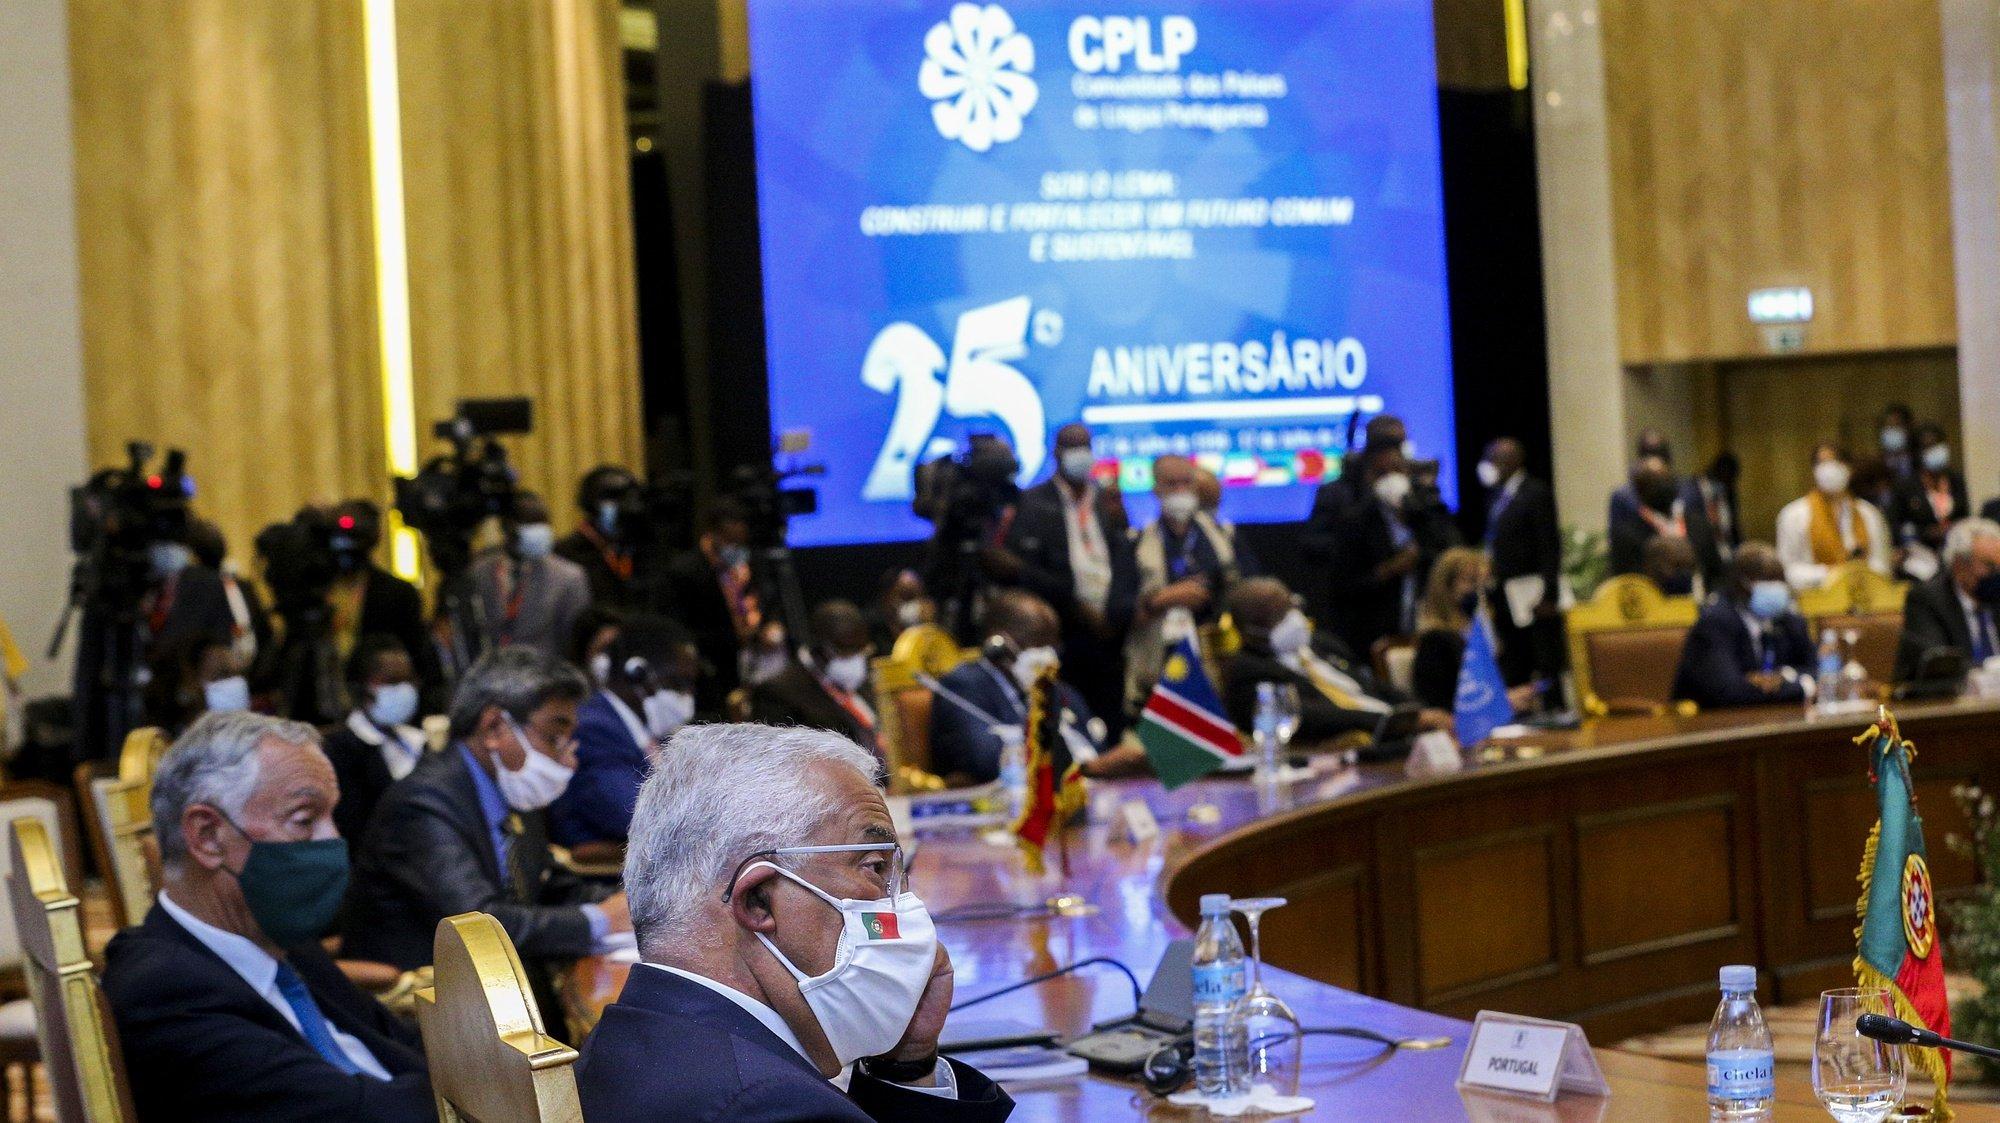 O primeiro-ministro de Portugal, António Costa (D), acompanhado pelo Presidente da República, Marcelo Rebelo de Sousa (E), participa na XIII Conferência de Chefes de Estado e de Governo da Comunidade dos Países de Língua Portuguesa (CPLP), em Luanda, Angola, 17 de julho de 2021. AMPE ROGÉRIO/LUSA